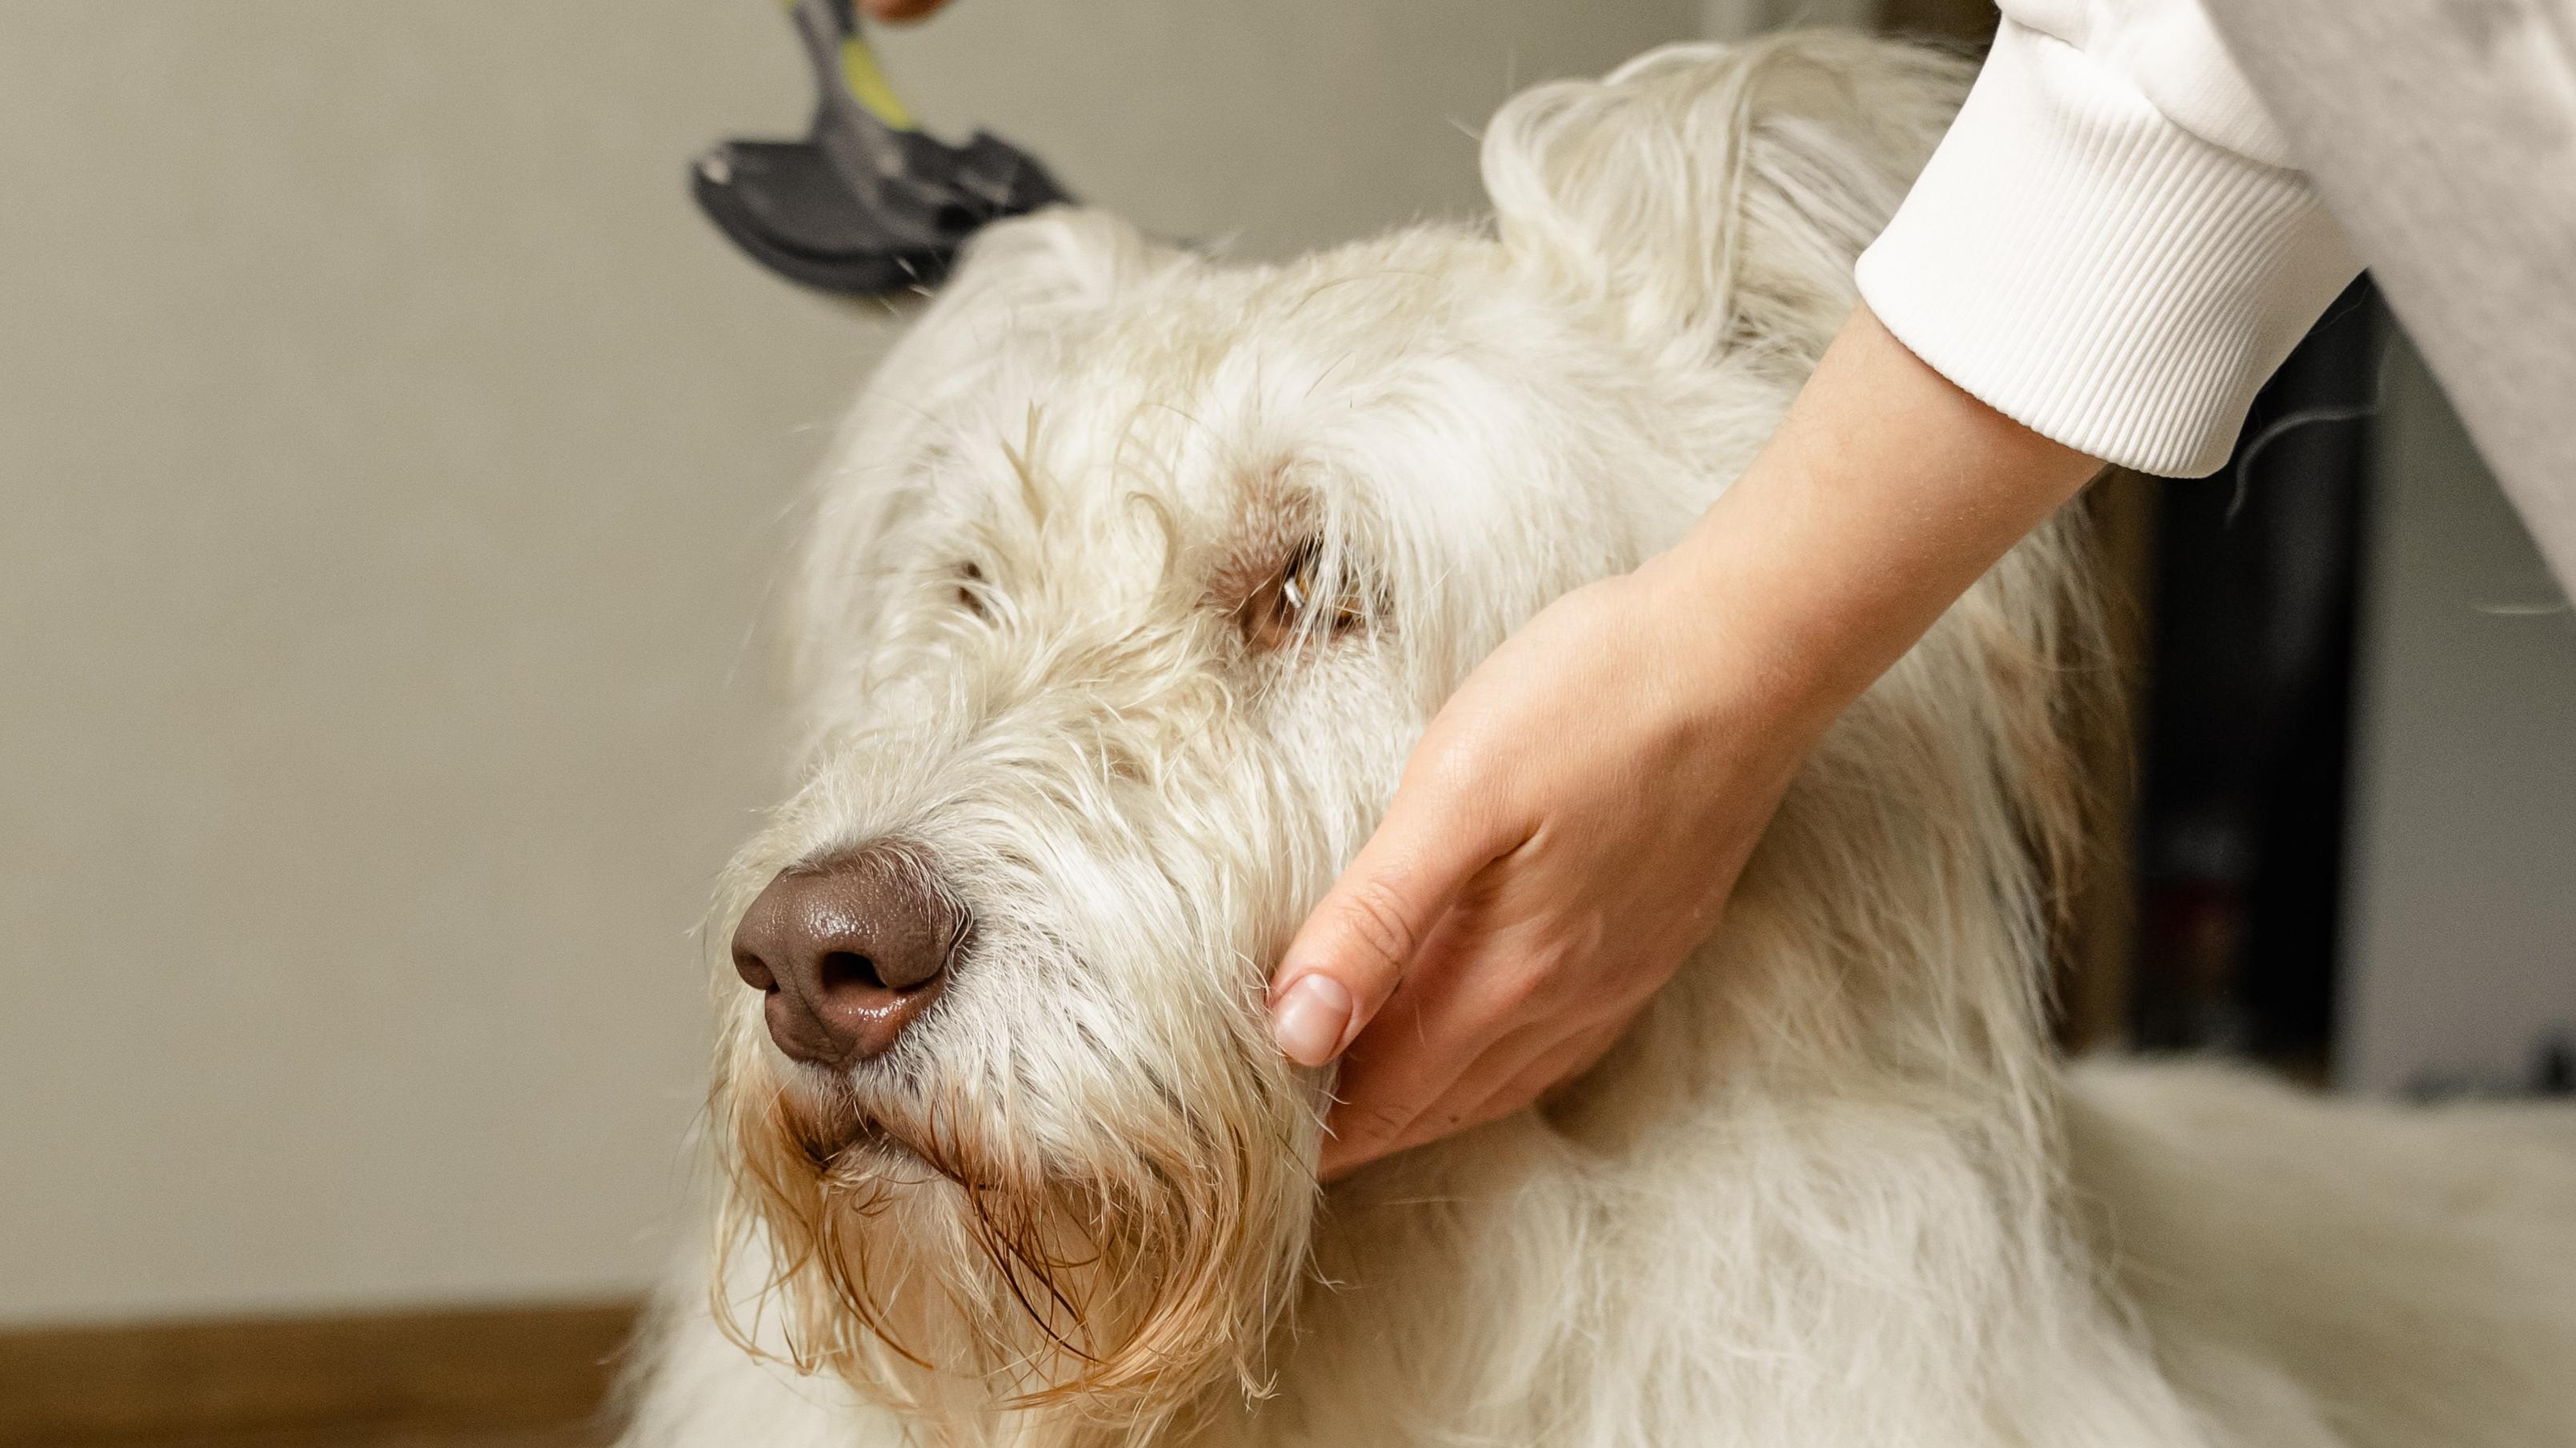 Regelmäßiges Bürsten trägt zu der Erhaltung einer gesunden Haut bei und beugt Hautkrankheiten beim Hund vor.